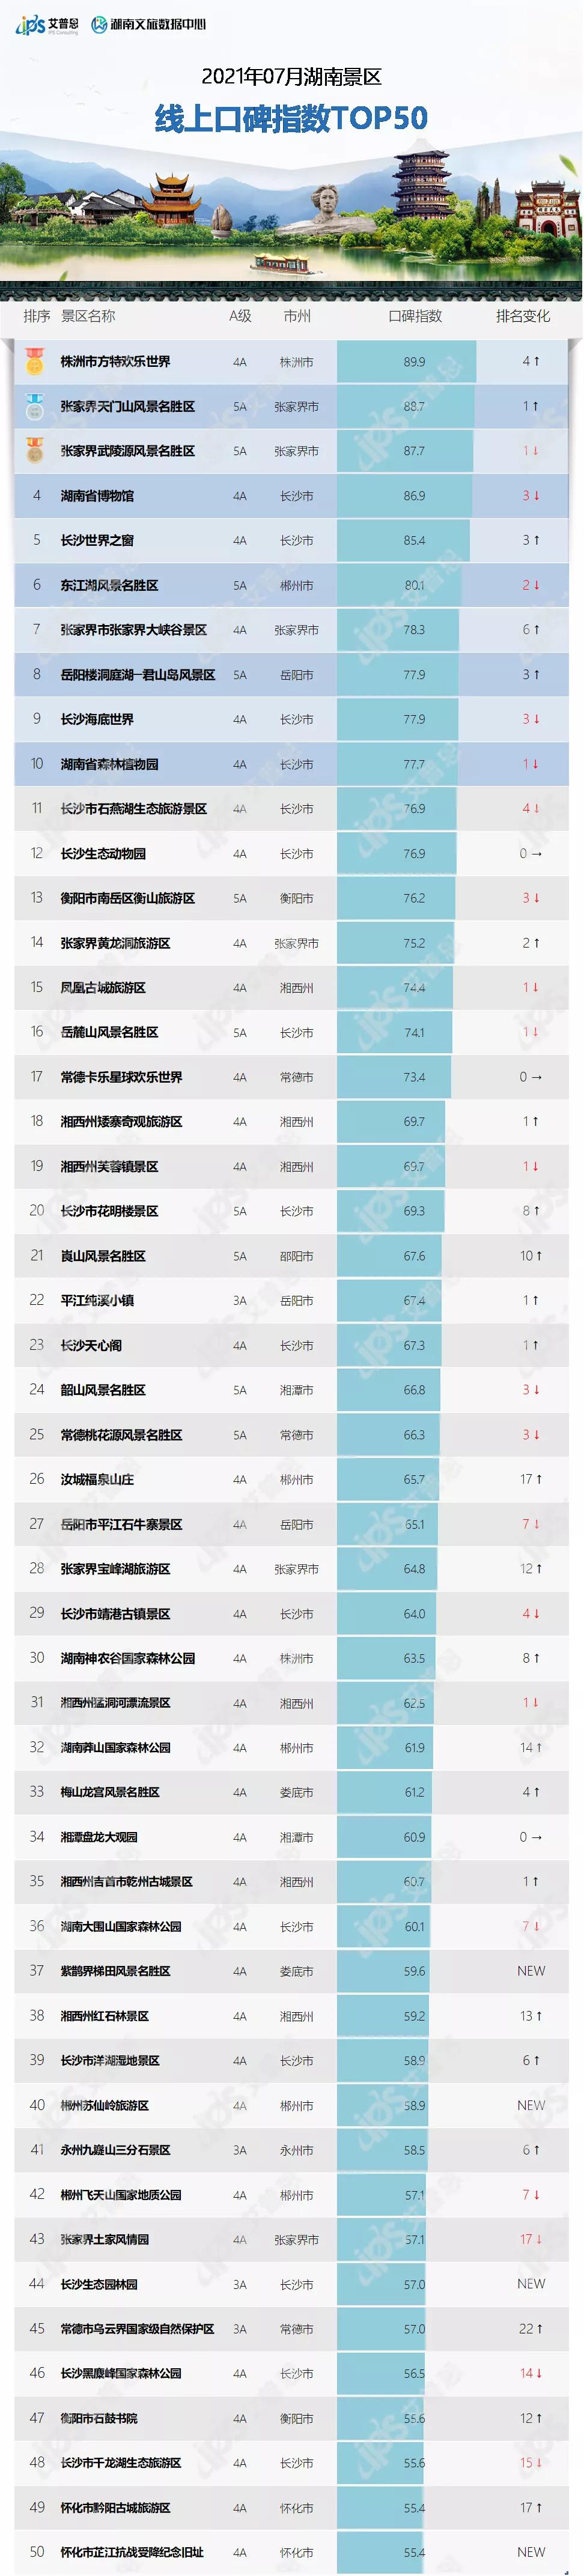 榜单|2021年7月湖南景区线上口碑指数TOP50